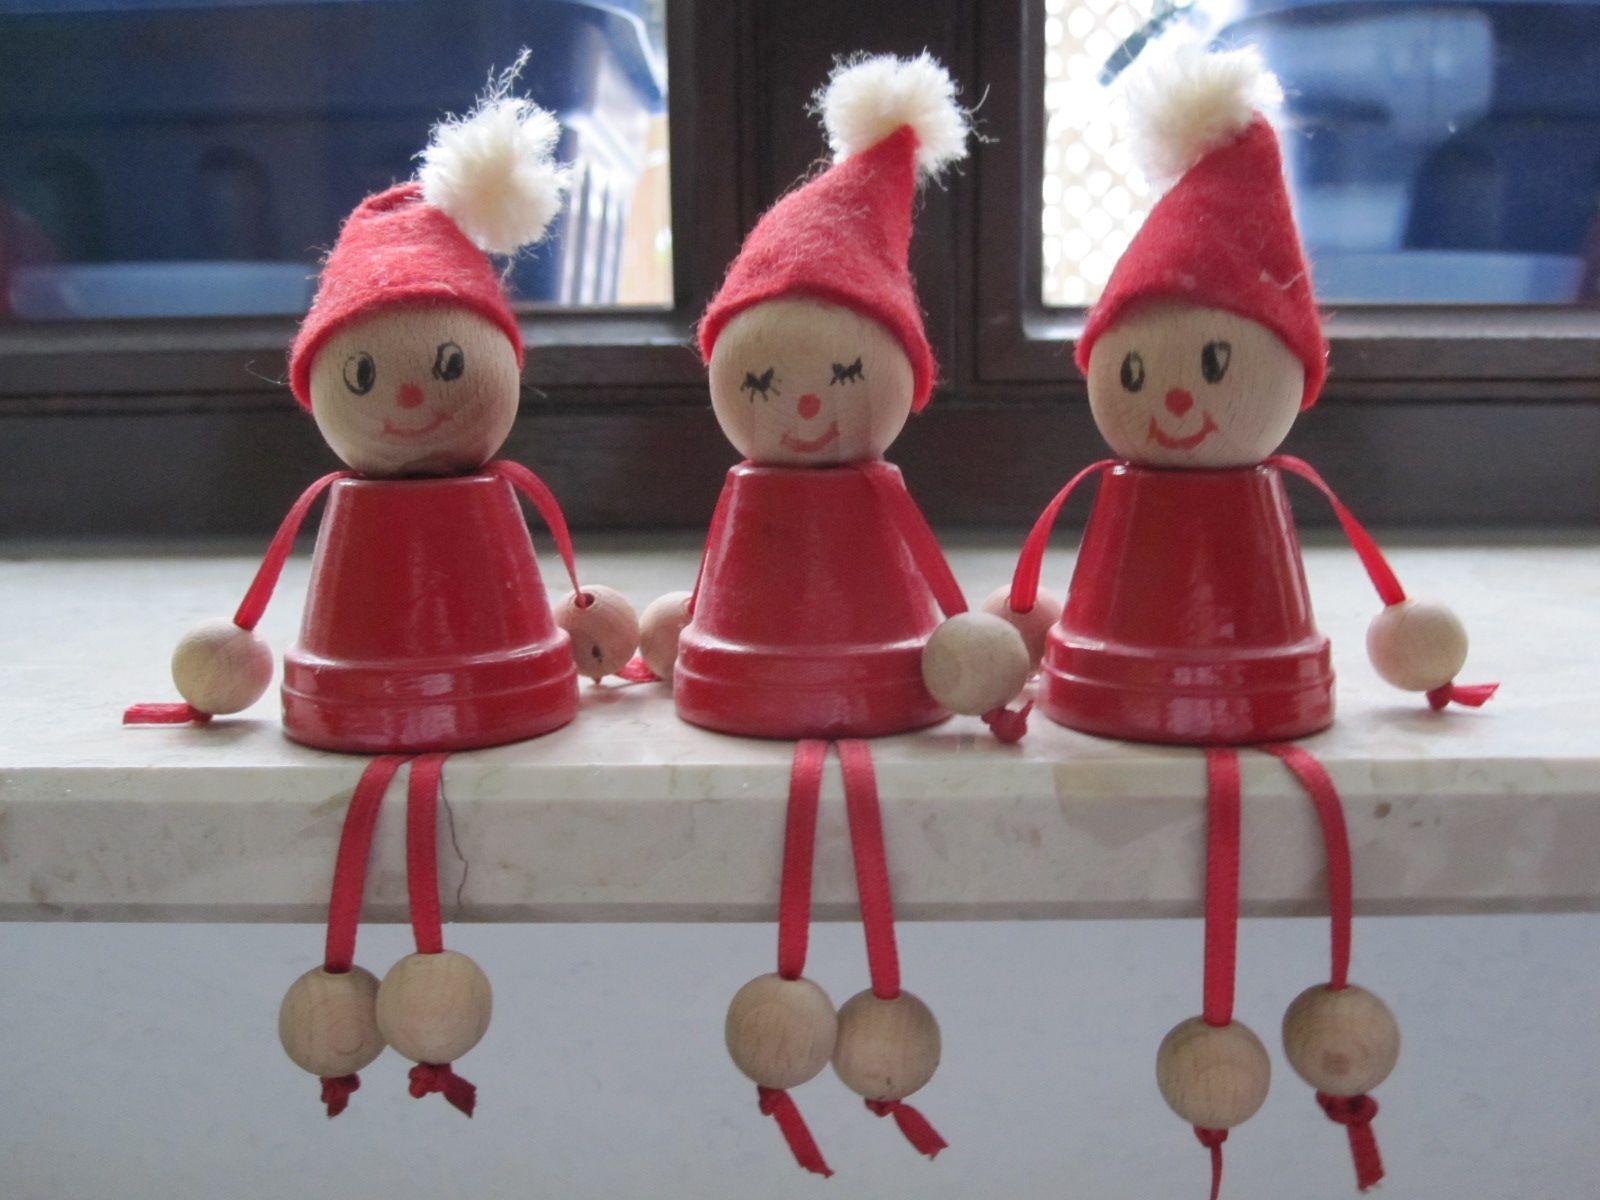 Ich wünsche euch allen ein frohes Weihnachtsfest und besinnliche Feiertage! Diese Weihnachtswichtel sind übrigends schon seit ein paar Jahr...